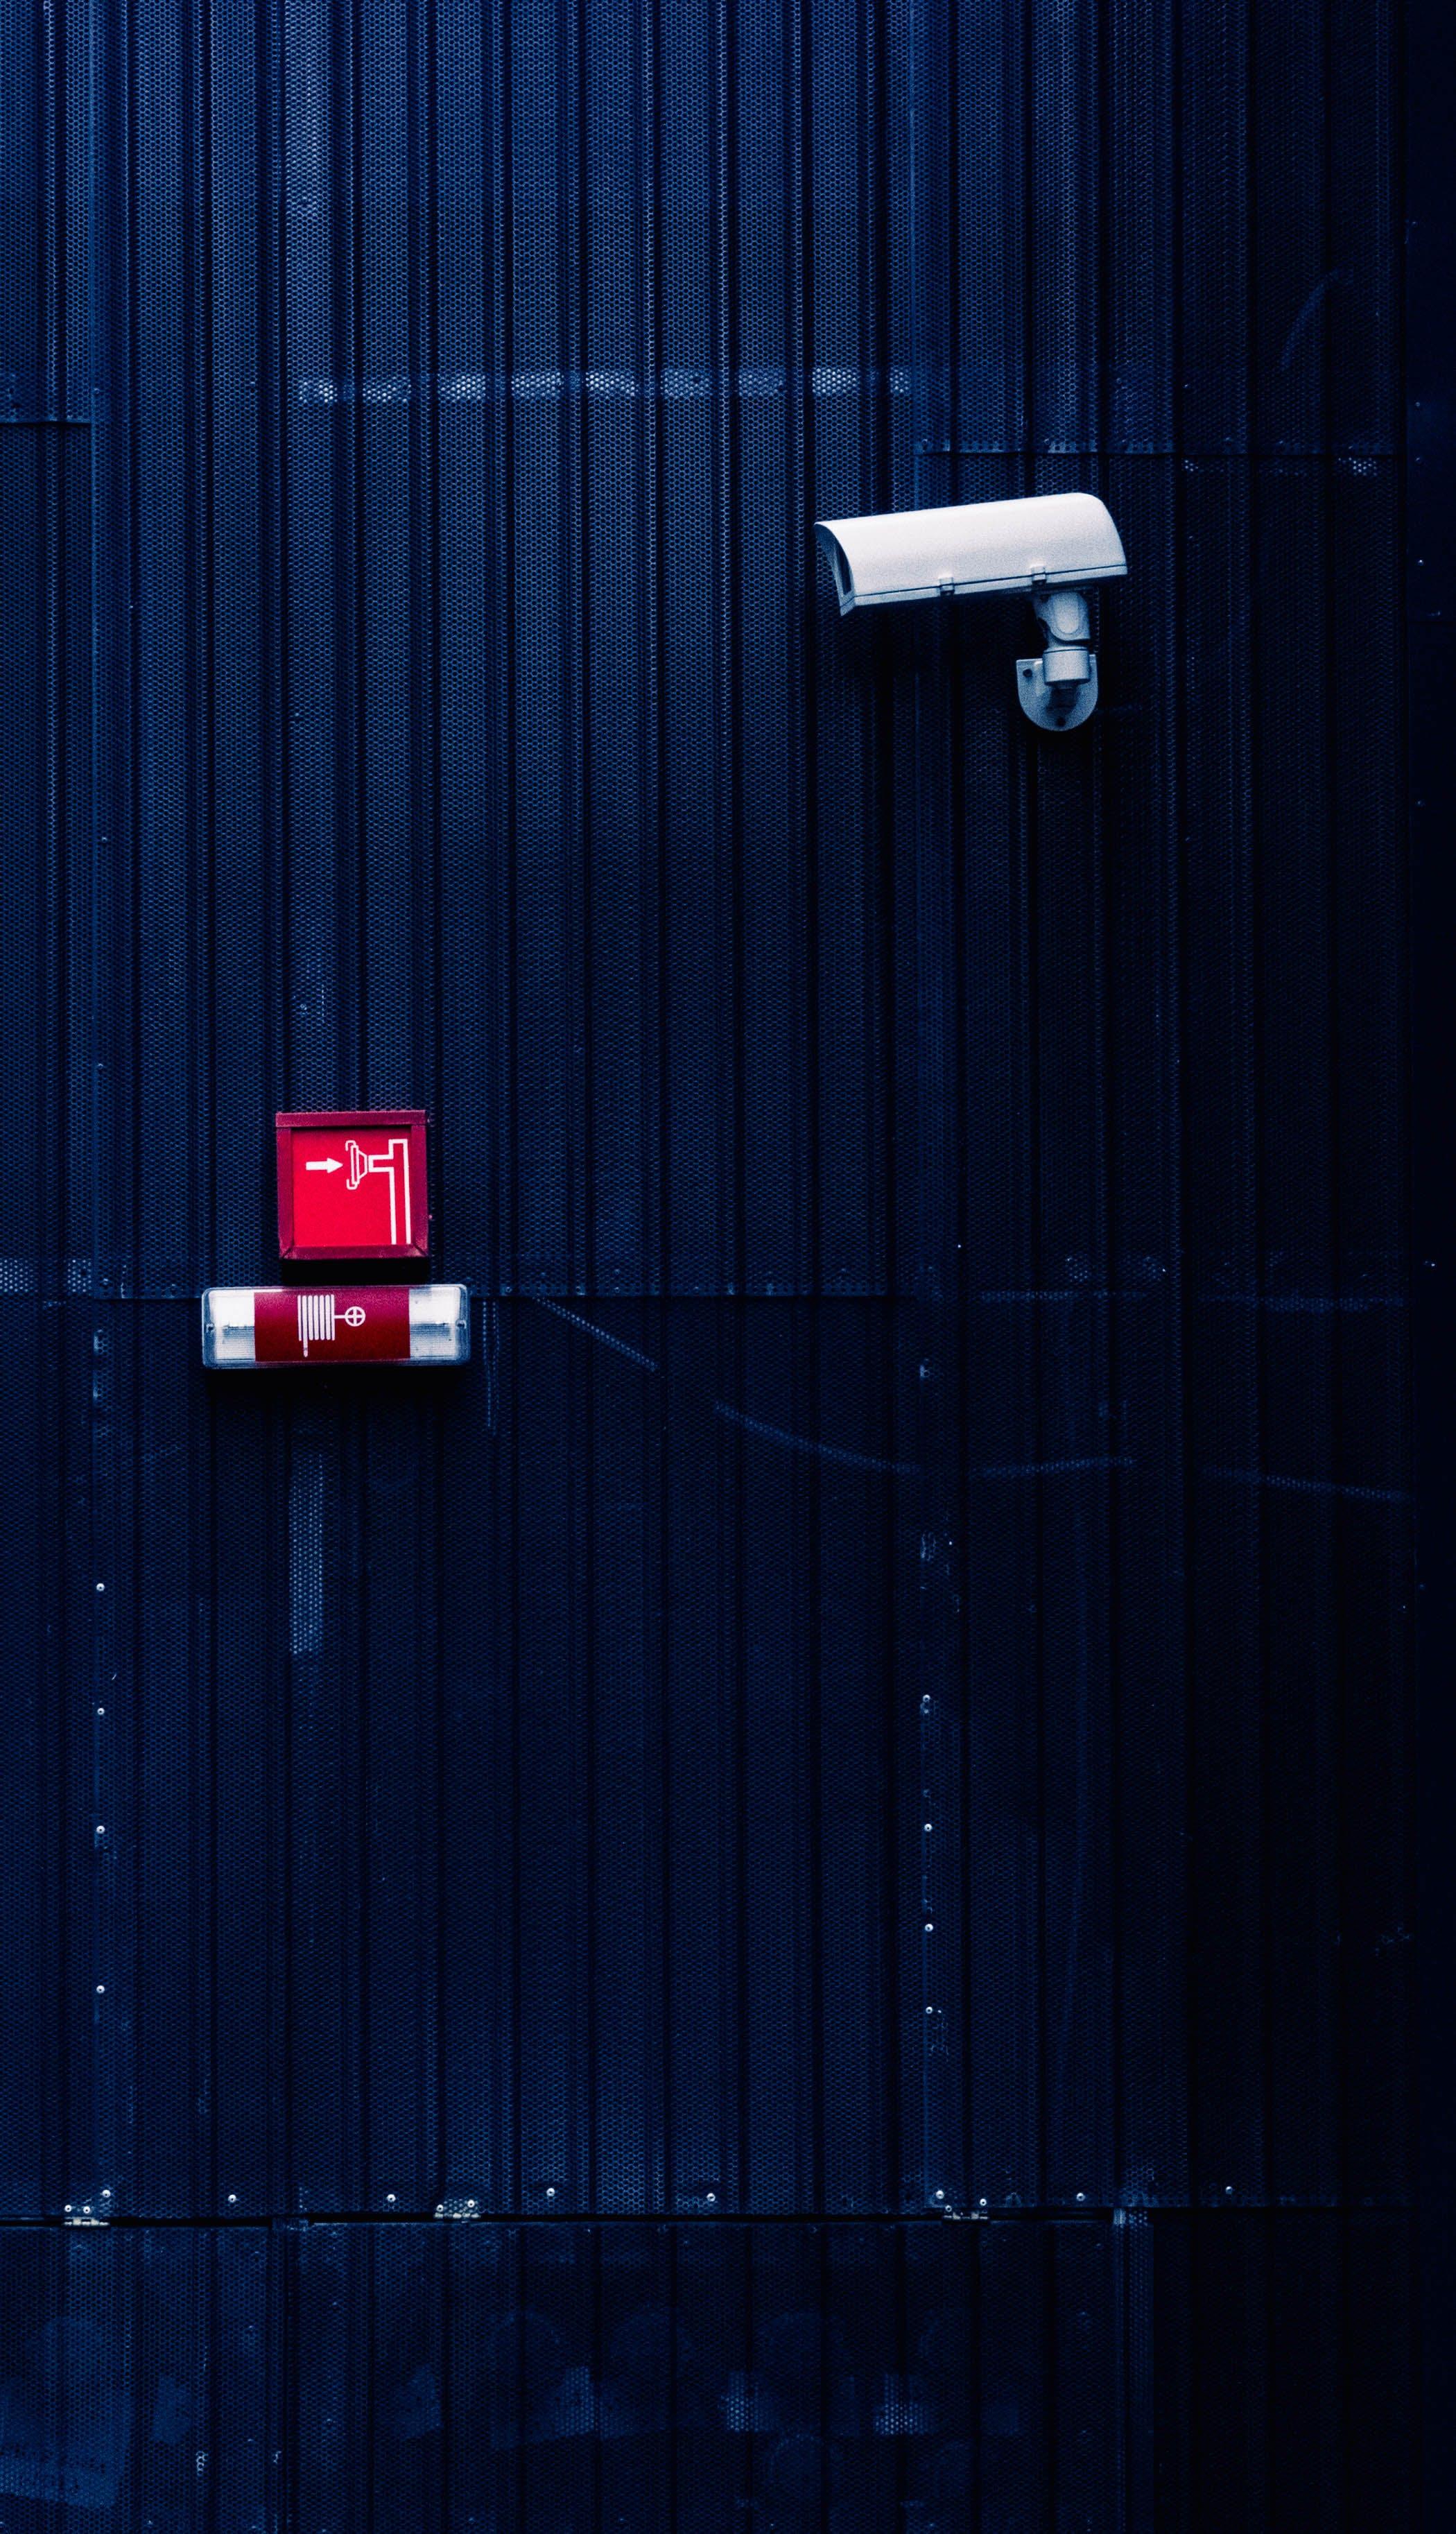 Gratis lagerfoto af elektronisk udstyr, moderne, mørk, sikkerhedskamera